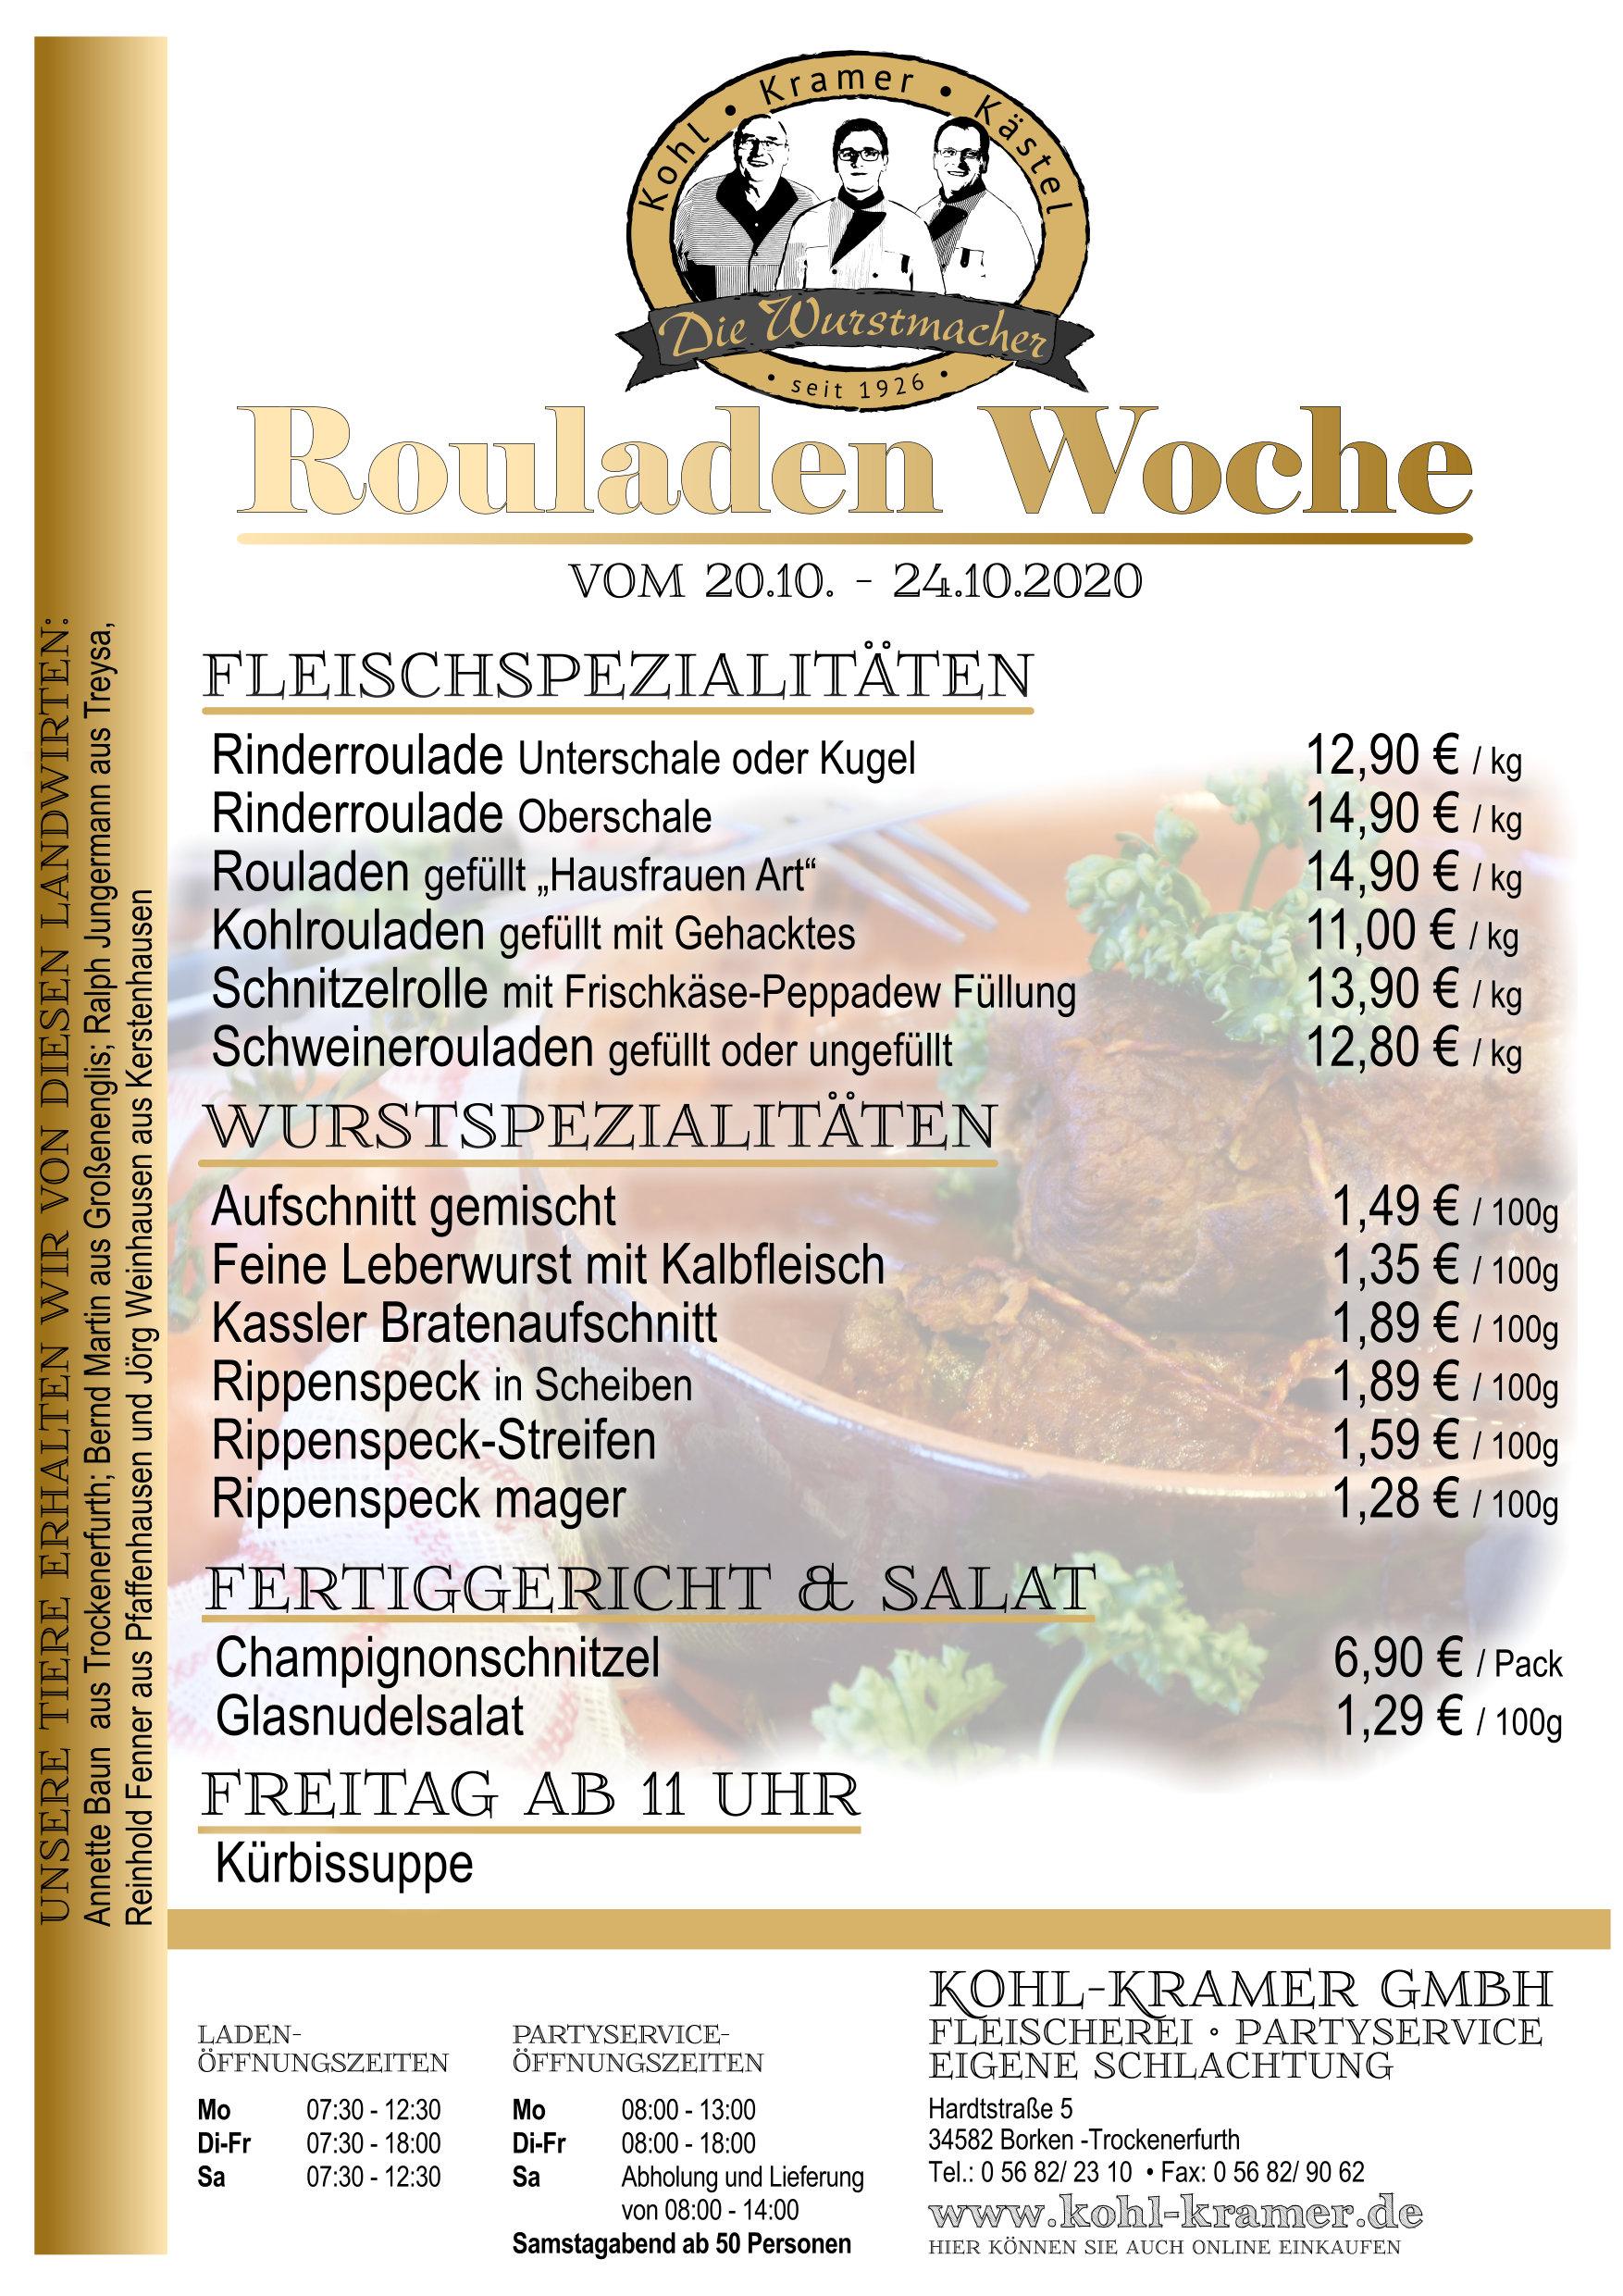 Kohl-Kramer-Wochenangebote-KW-43-20-10-24-10-2020-Rouladen-Woche